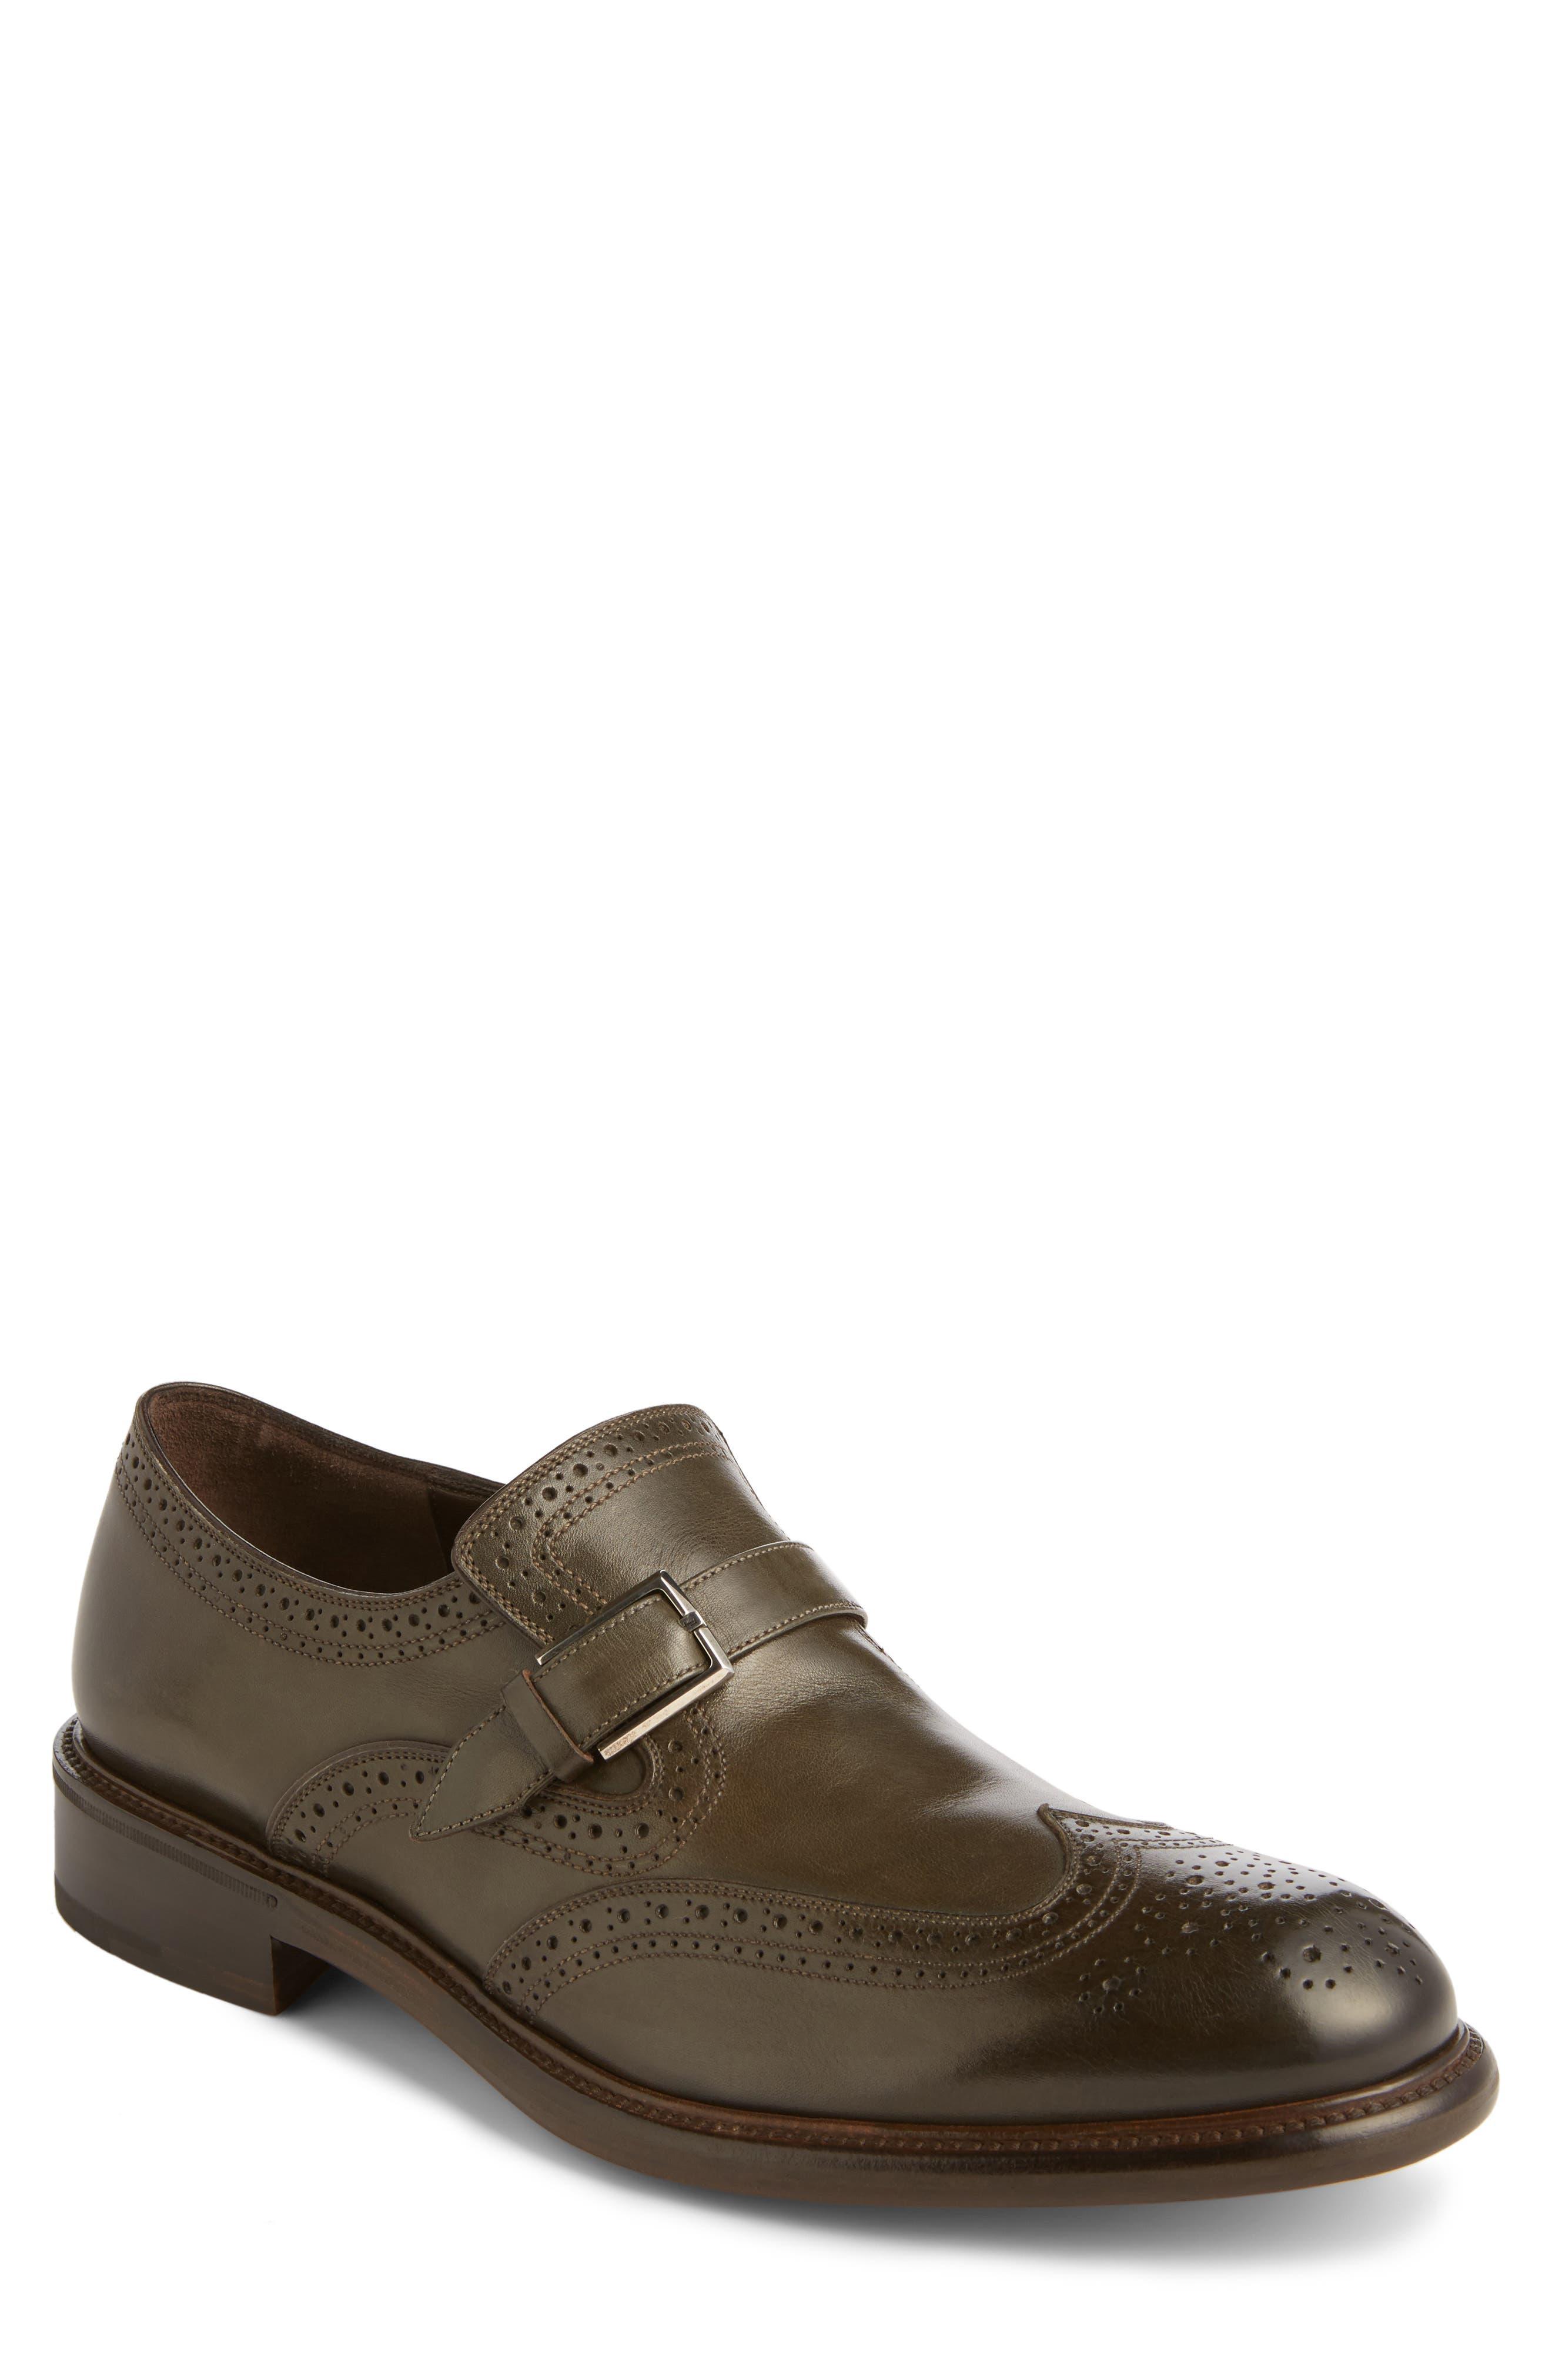 Monk Strap Shoe,                         Main,                         color, 209